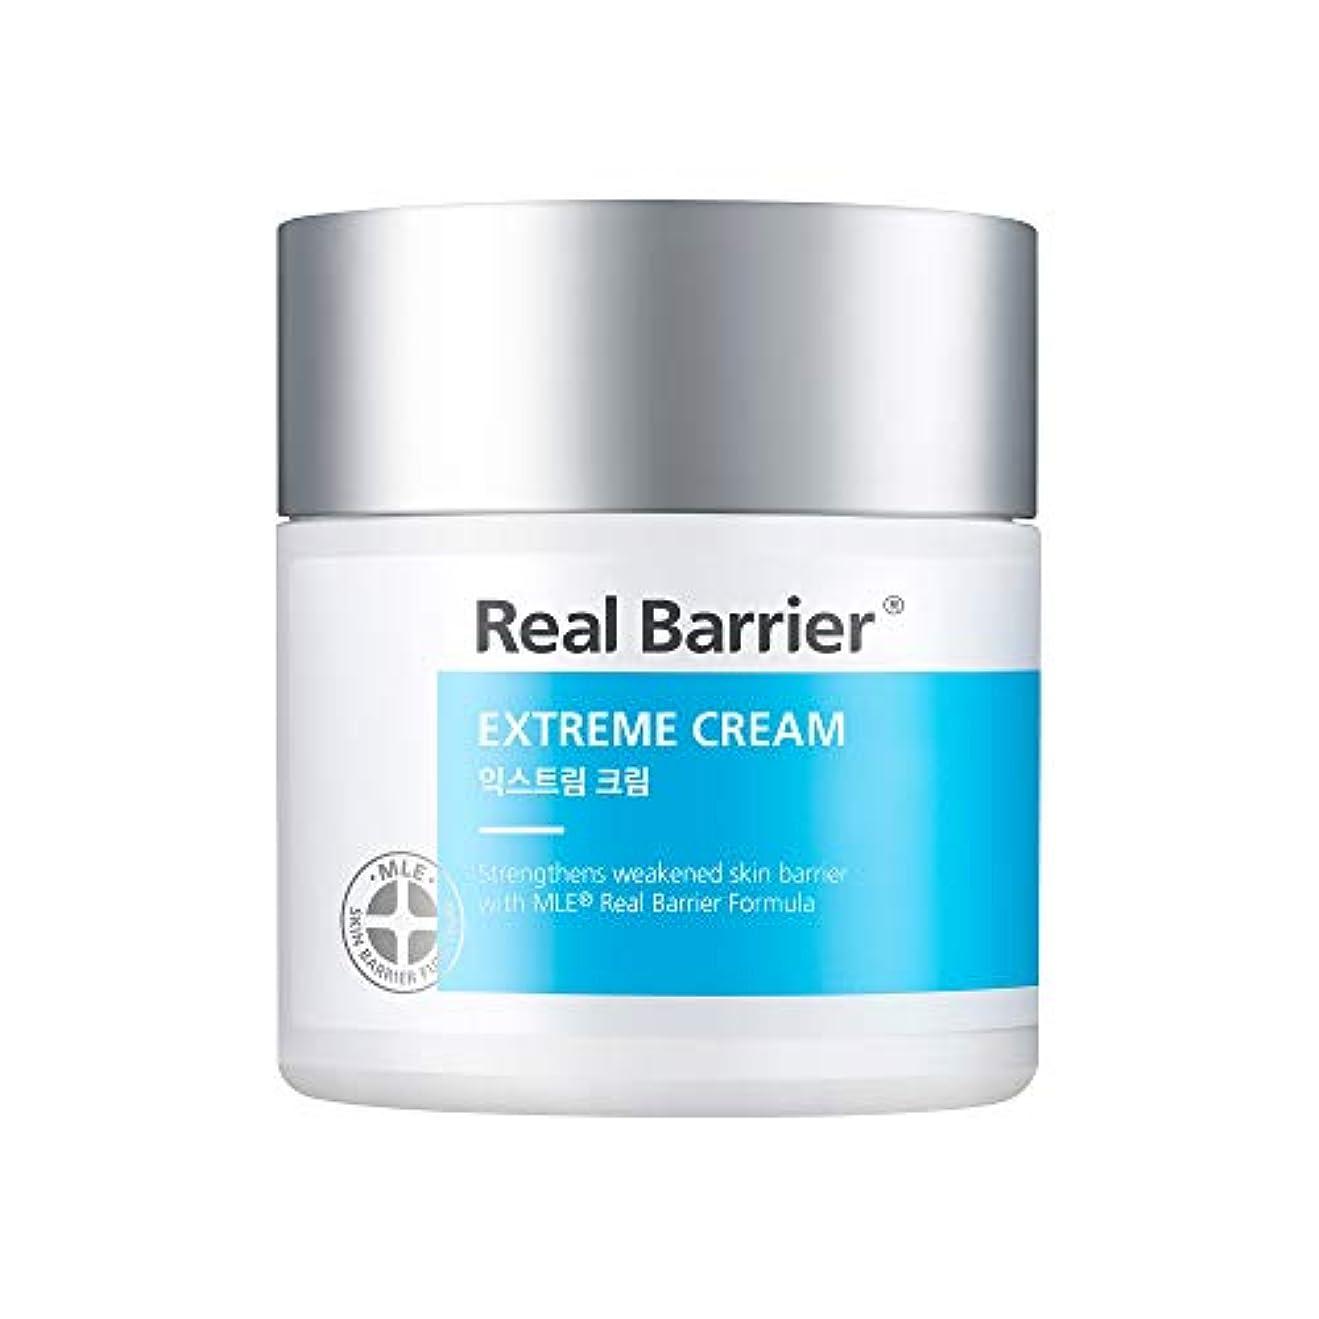 レッドデートモッキンバードお願いしますアトパーム(atopalm) リアルベリアエクストリームクリーム/Atopam Real Barrier Extreme Cream